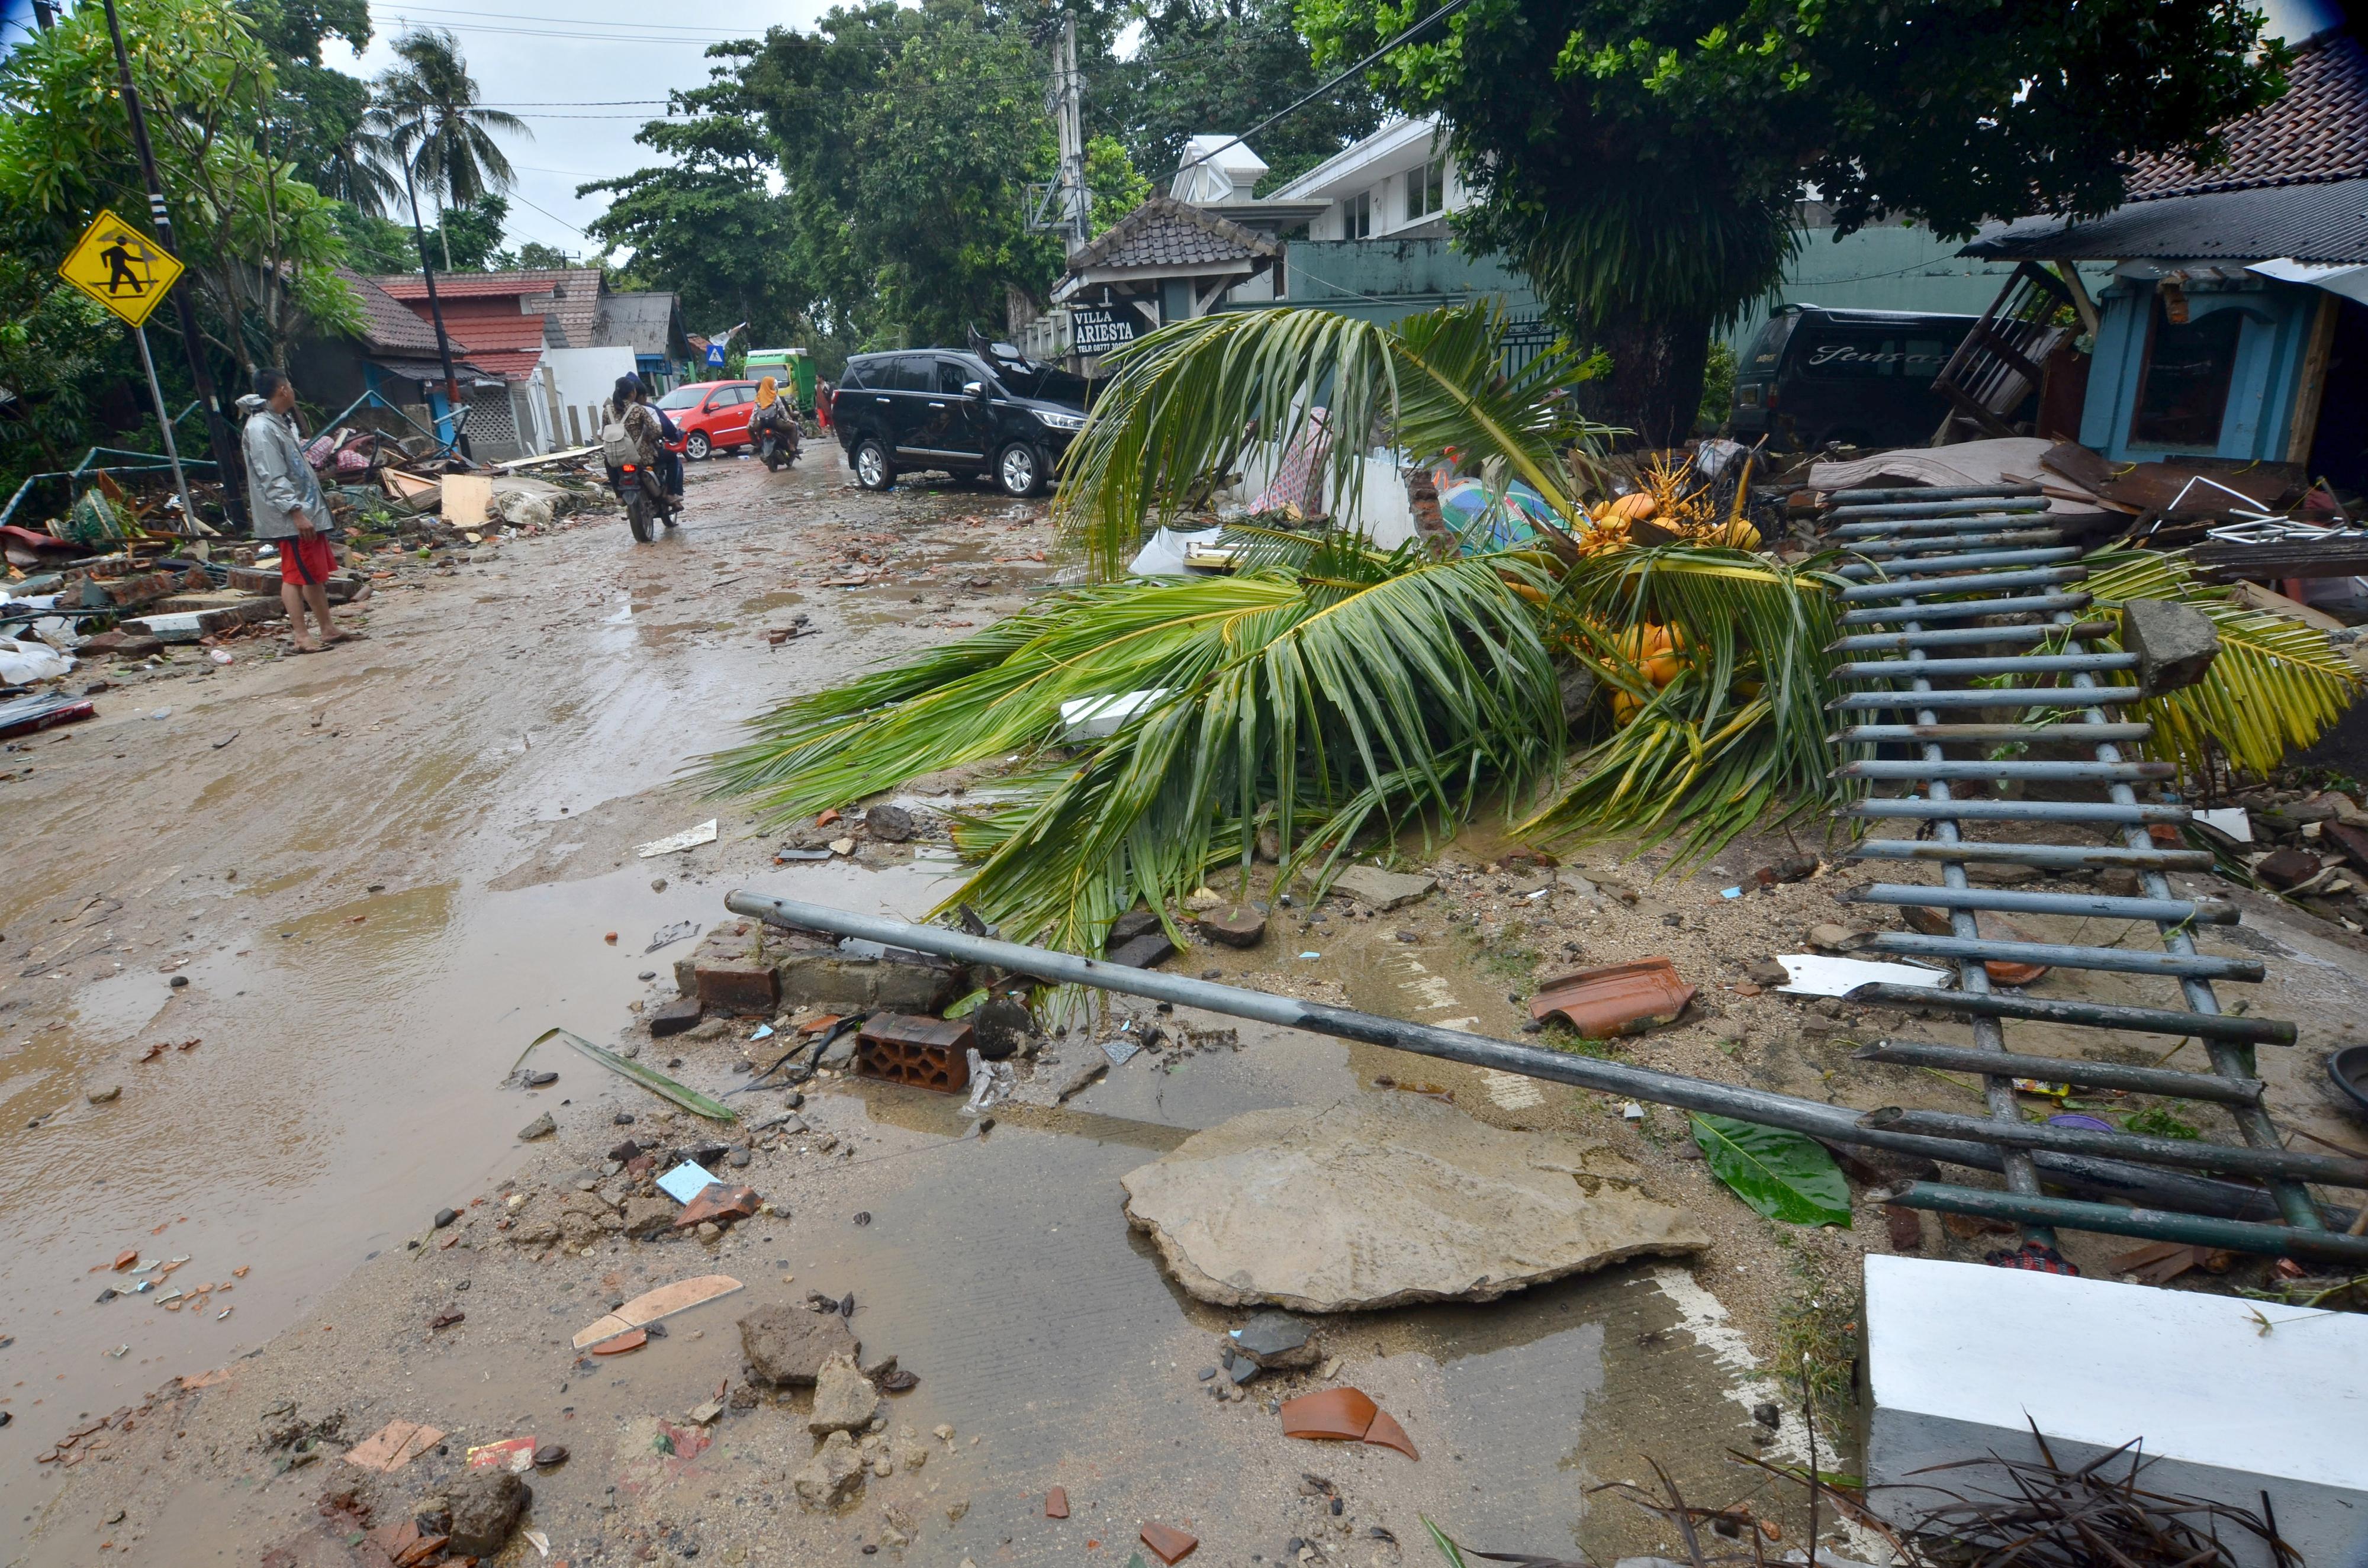 آثار الدمار التي خلفها تسونامي إندونيسيا